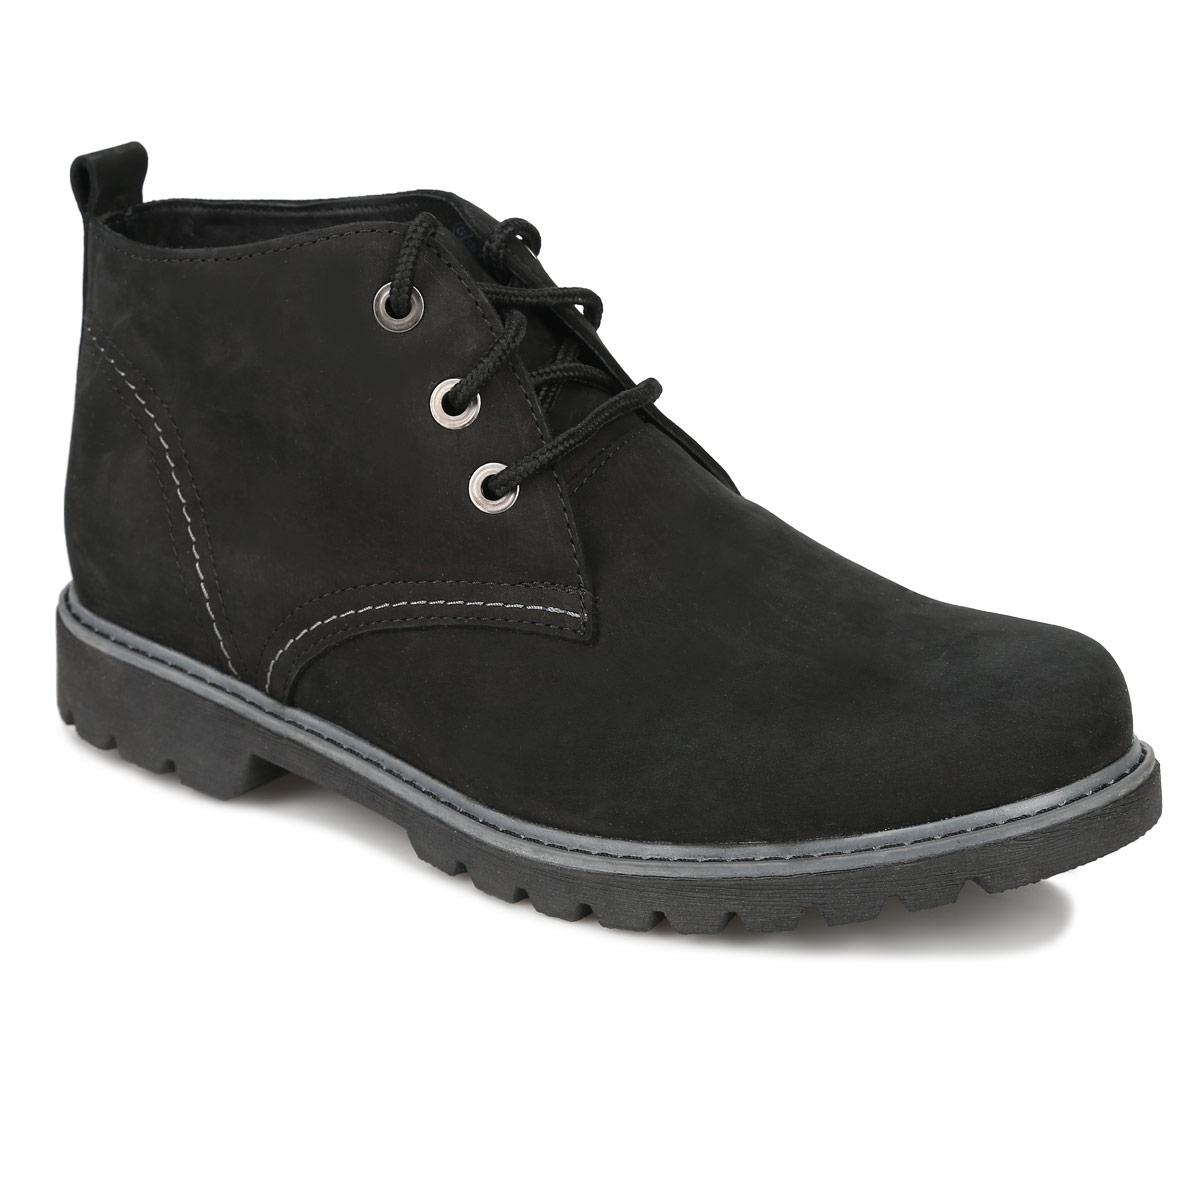 Ботинки мужские. 7SV_1-15 BLACK7SV_1-15 BLACKСтильные мужские ботинки от Spur придутся вам по душе! Модель изготовлена из высококачественной натуральной кожи. Шнуровка идеально зафиксирует обувь на вашей ноге. Подкладка и стелька из натуральной шерсти сохранят ваши ноги в тепле. Низкий каблук и подошва оснащены противоскользящим рифлением. Стильные ботинки подчеркнут вашу индивидуальность.